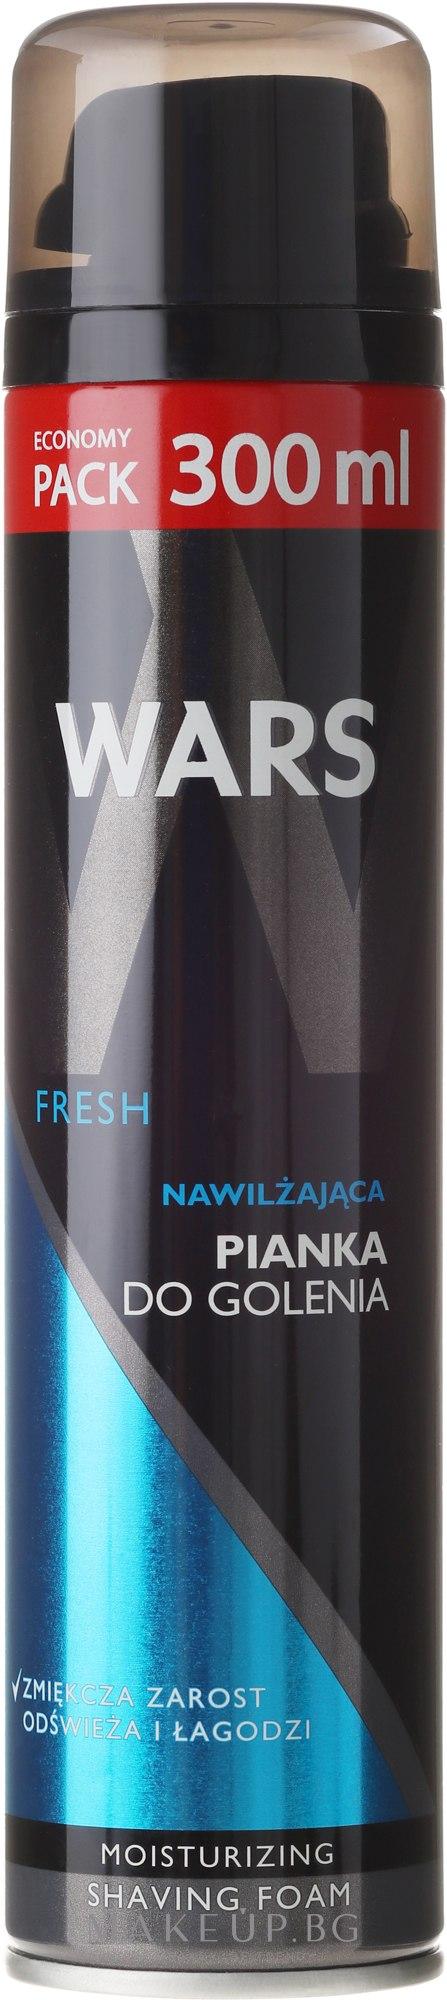 """Пяна за бръснене """"Овлажняваща"""" - Wars Fresh Moisturizing Shaving Foam — снимка 300 ml"""